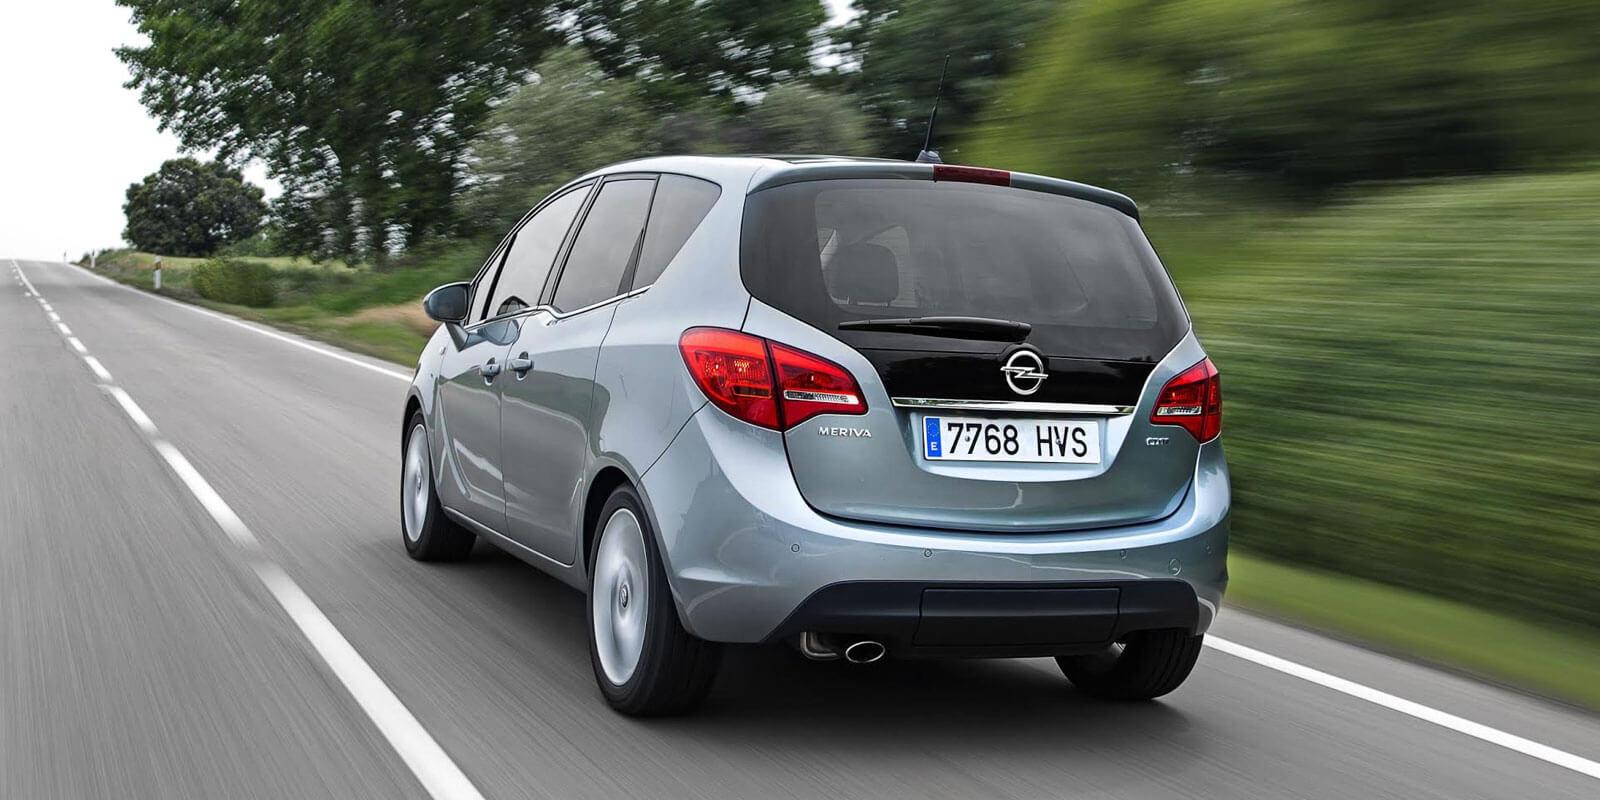 Opel Meriva monovolumenes